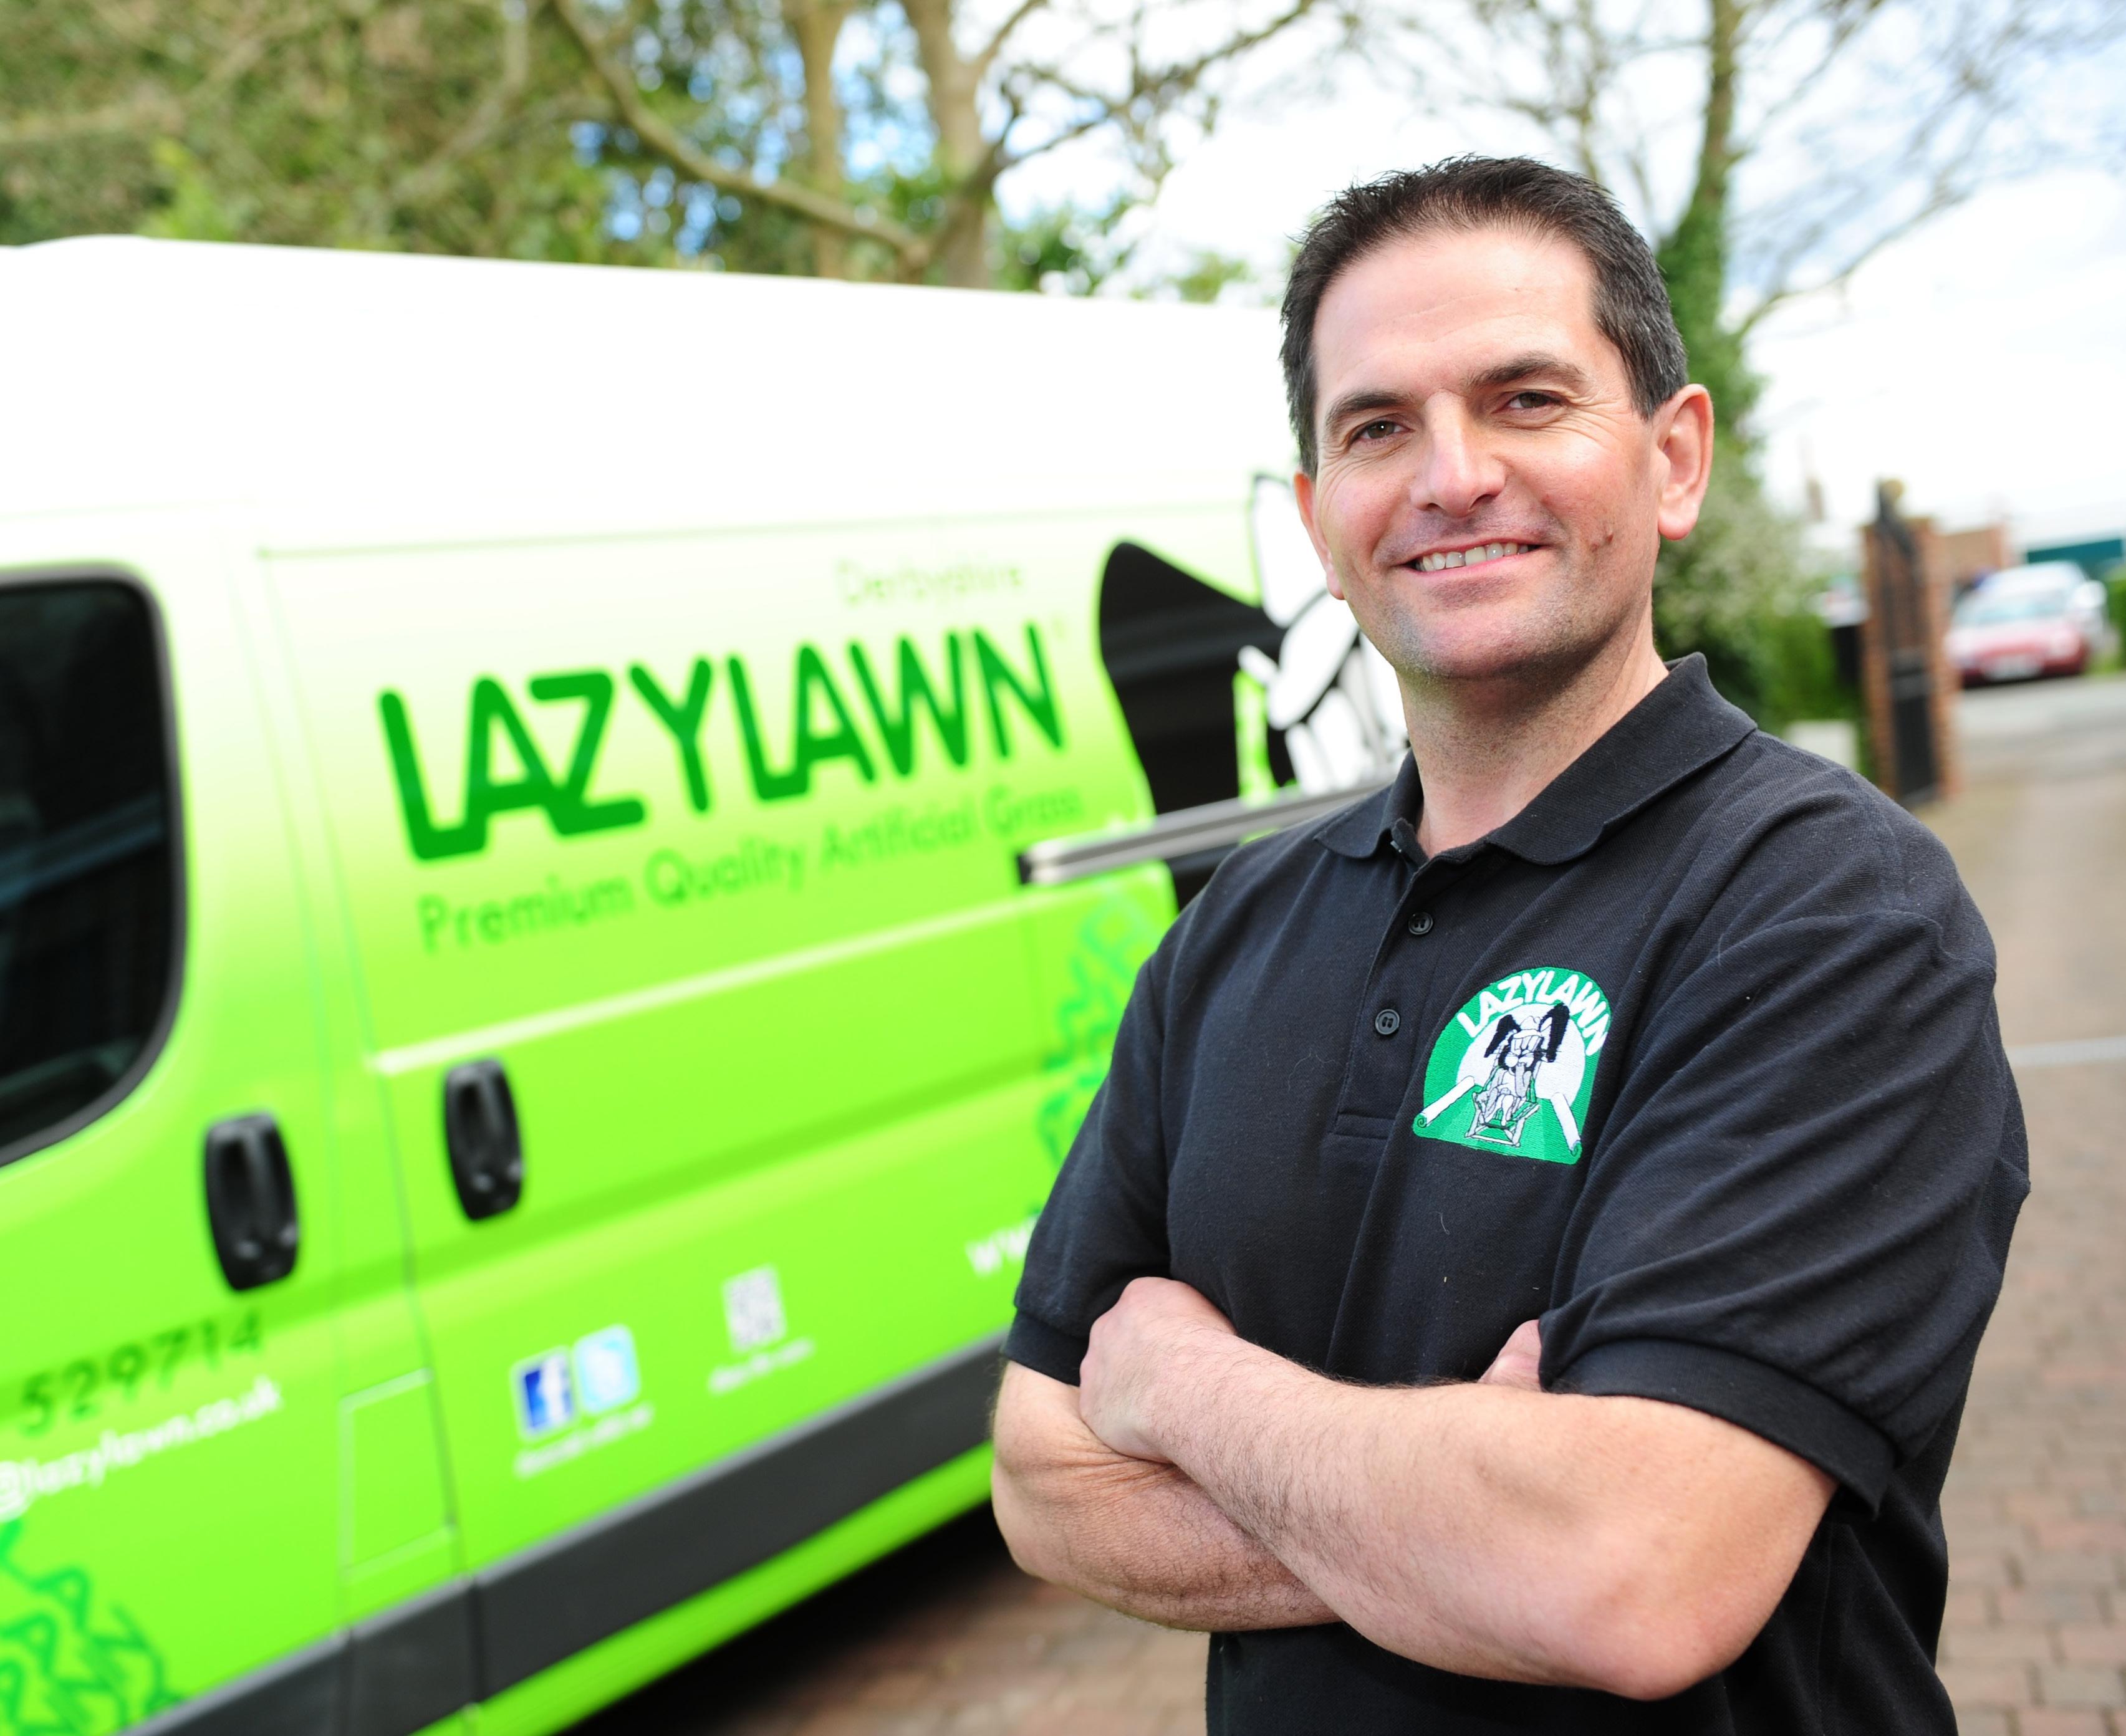 LazyLawn® Bristol